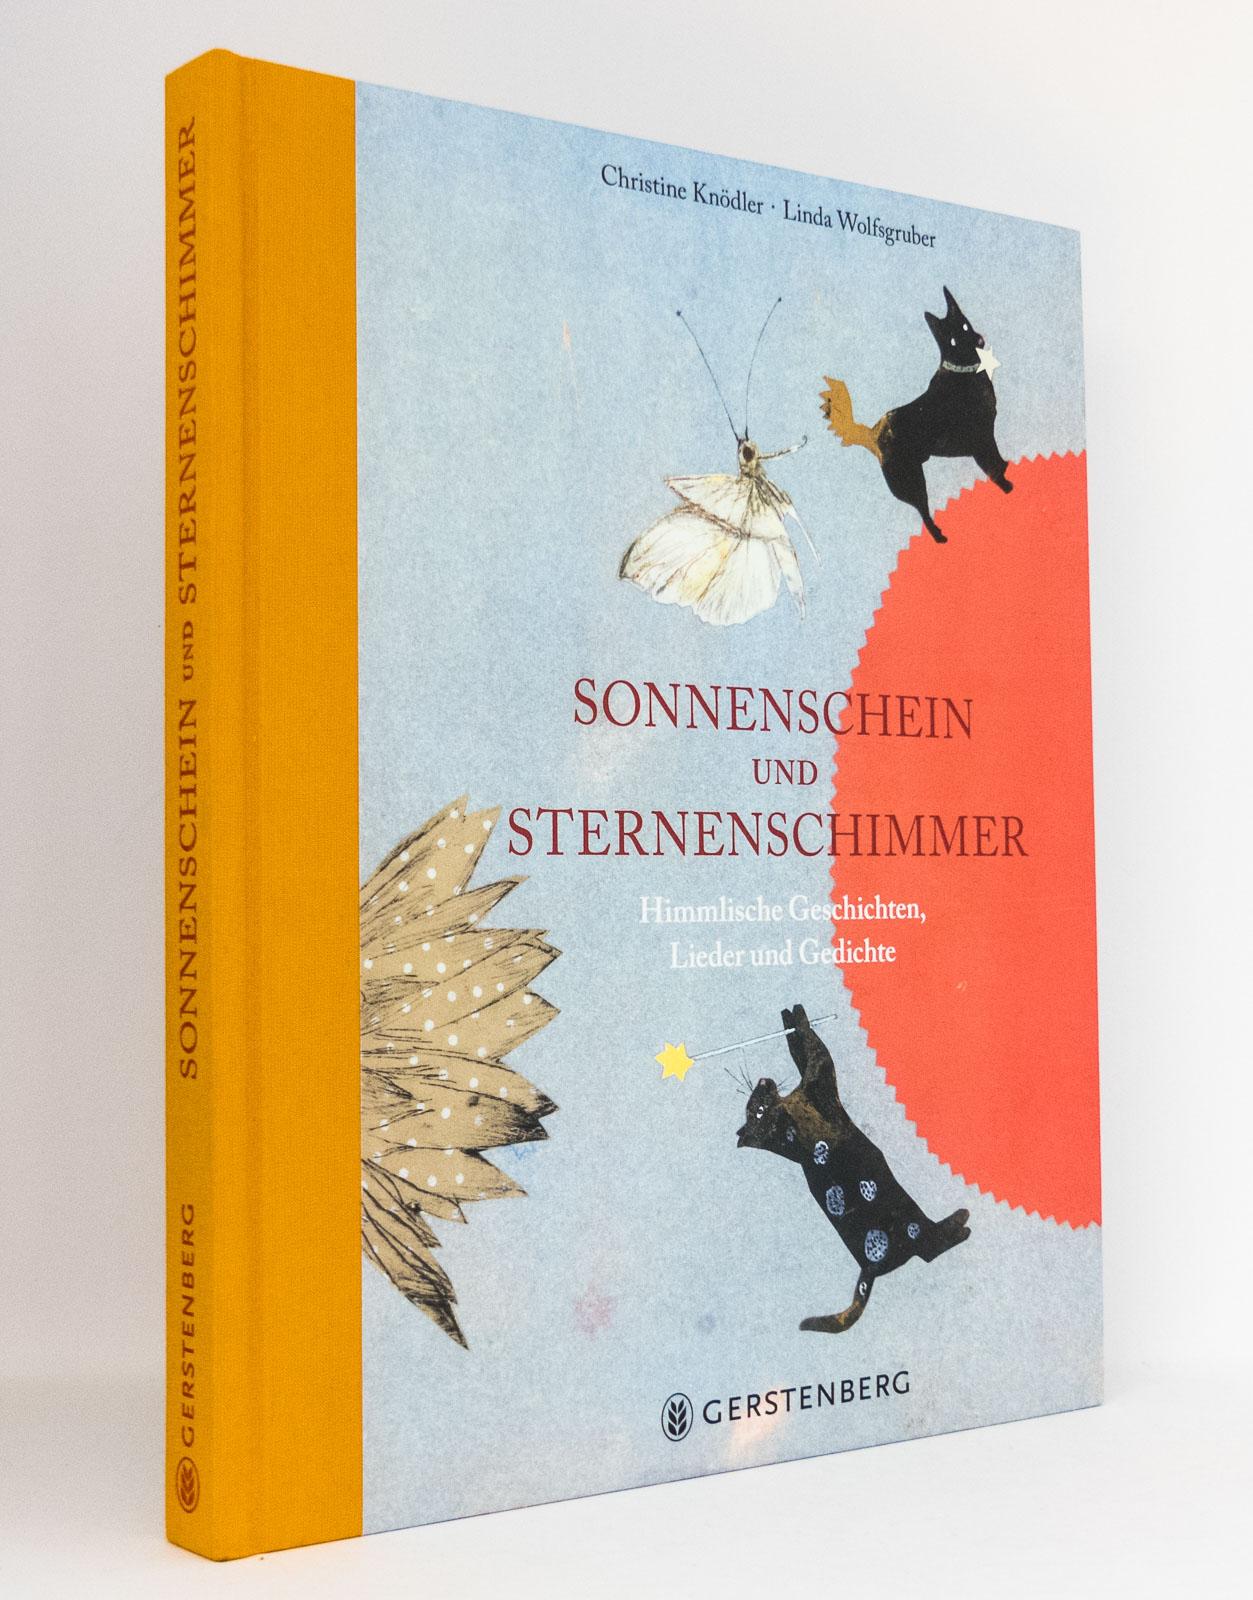 Sonnenschein und Sternenschimmer : Himmlische Geschichten, Lieder und Gedichte - Knödler, Christine [Hg.] Wolfsgruber, Linda [Illustrationen]